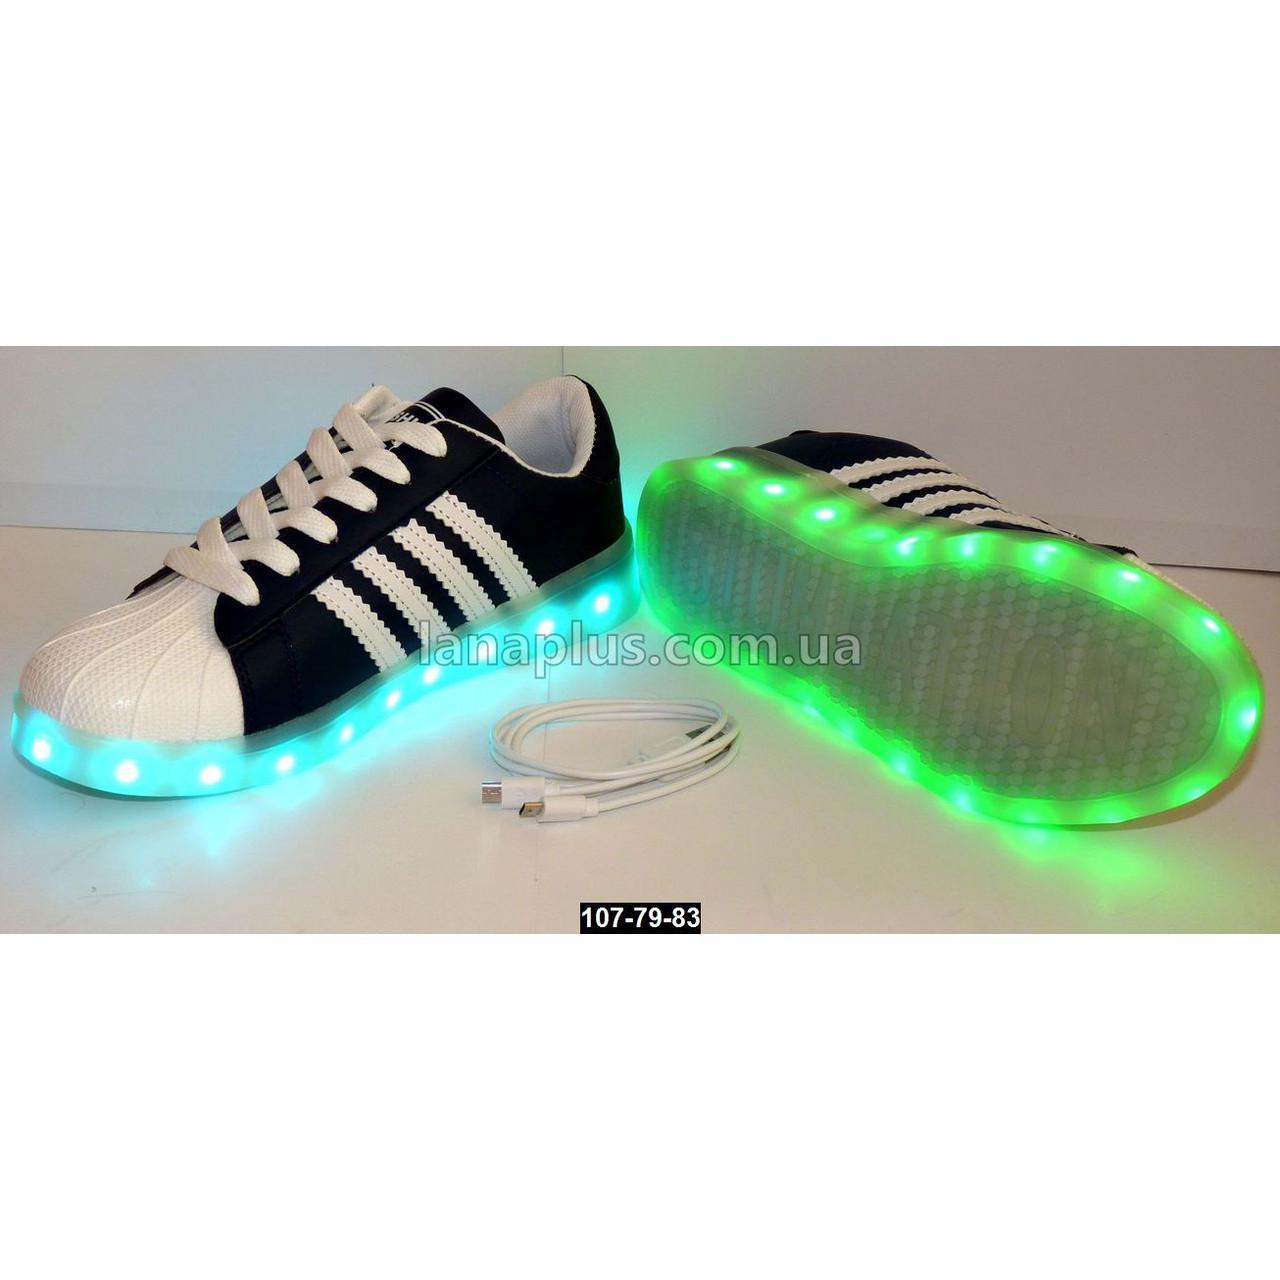 Светящиеся кеды, кроссовки, зарядка от USB, 39 размер, 11 режимов LED подсветки, 107-79-83